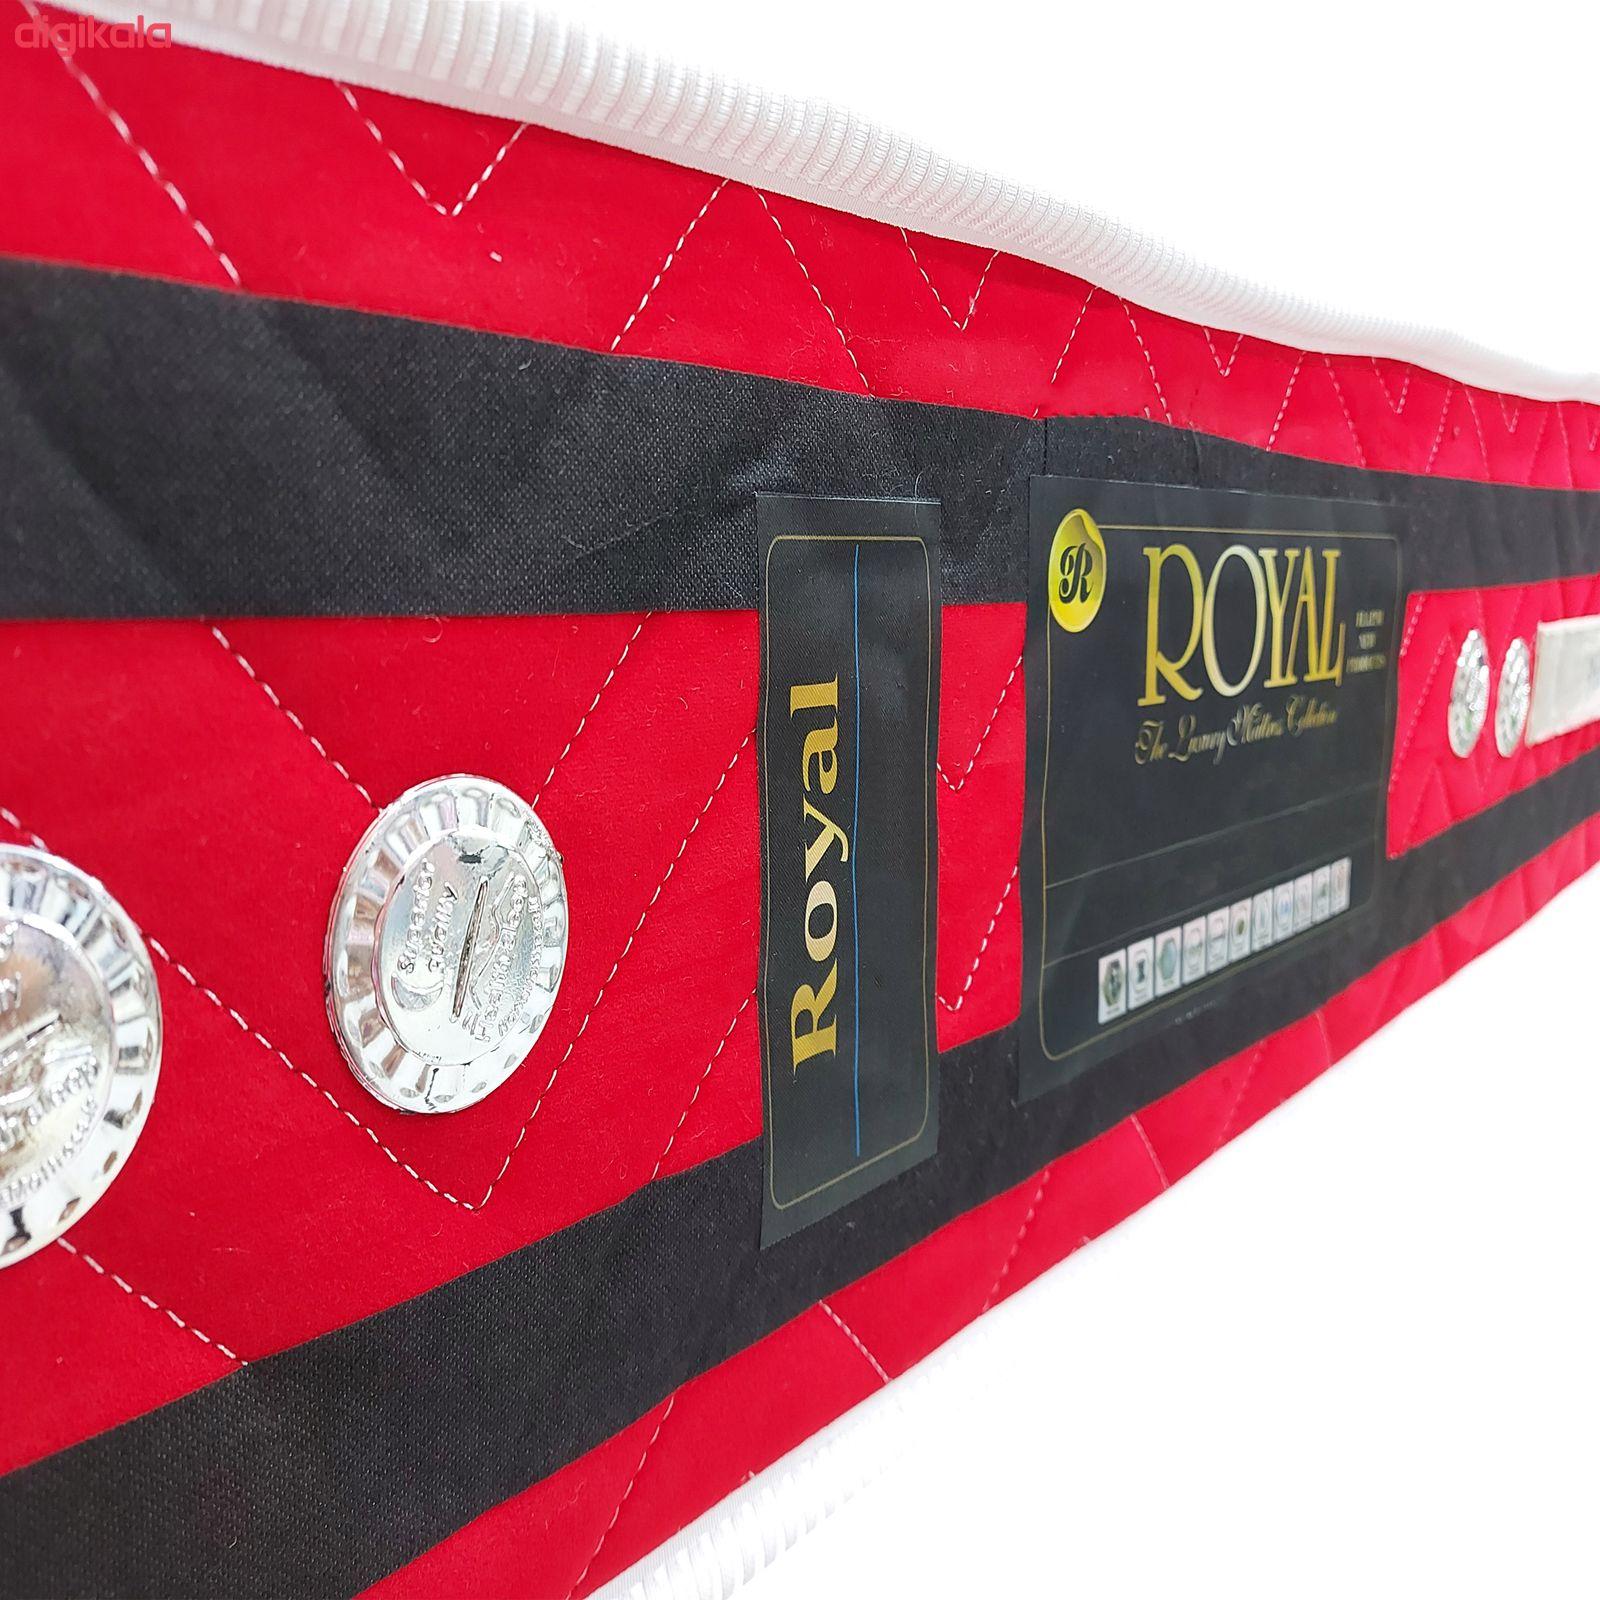 تشک رویال مدل Mery دو نفره سایز 200 × 160 سانتی متر main 1 2